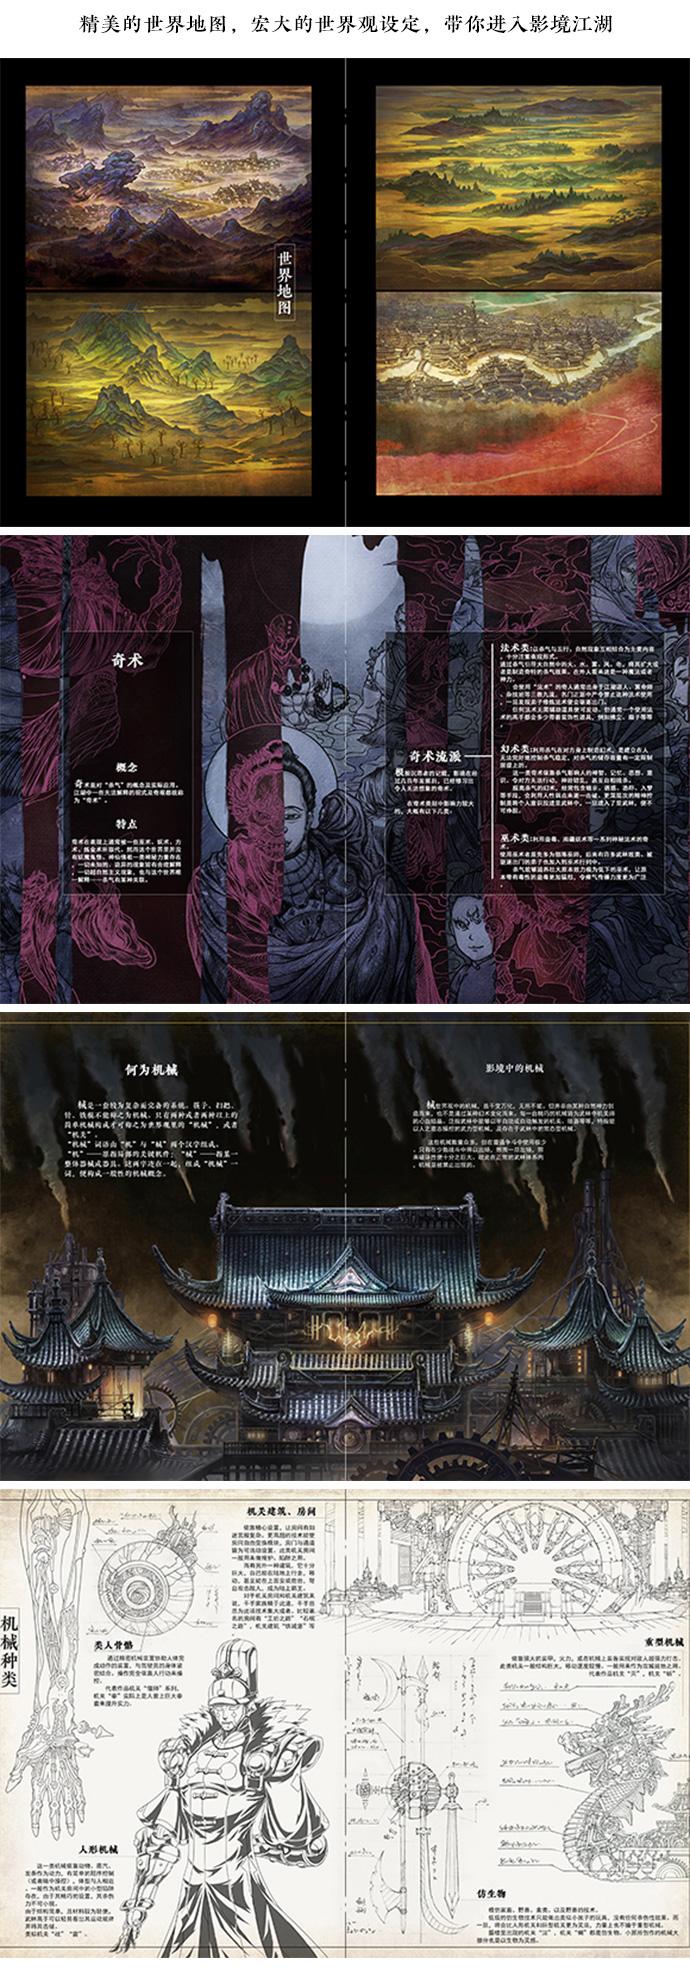 画集介绍_07.jpg